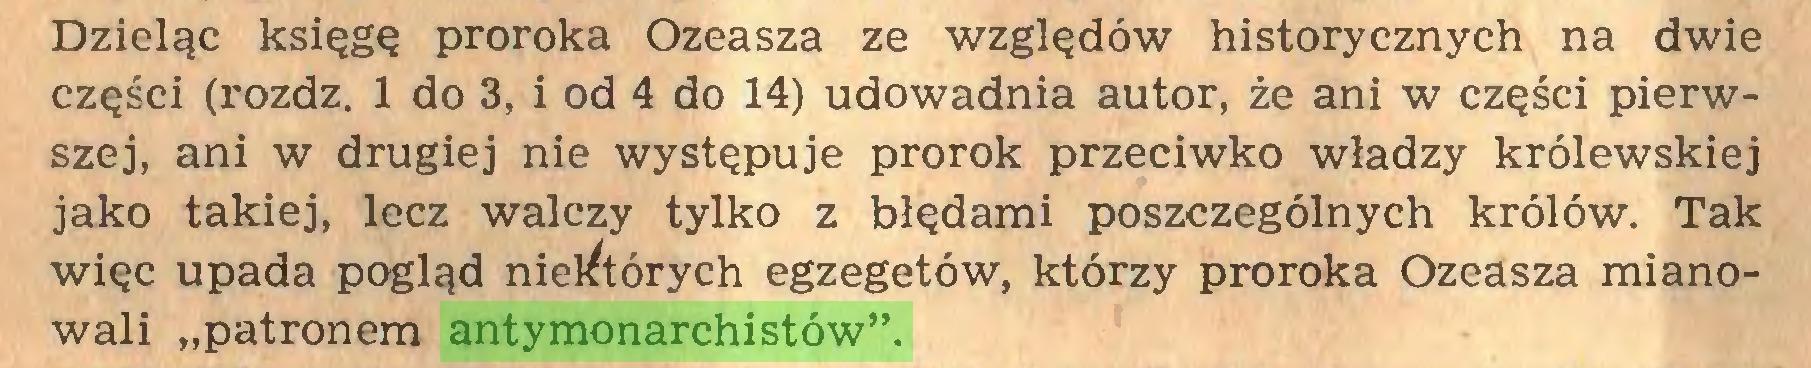 """(...) Dzieląc księgę proroka Ozeasza ze względów historycznych na dwie części (rozdz. 1 do 3, i od 4 do 14) udowadnia autor, że ani w części pierwszej, ani w drugiej nie występuje prorok przeciwko władzy królewskiej jako takiej, lecz walczy tylko z błędami poszczególnych królów. Tak więc upada pogląd niektórych egzegetów, którzy proroka Ozeasza mianowali """"patronem antymonarchistów""""..."""